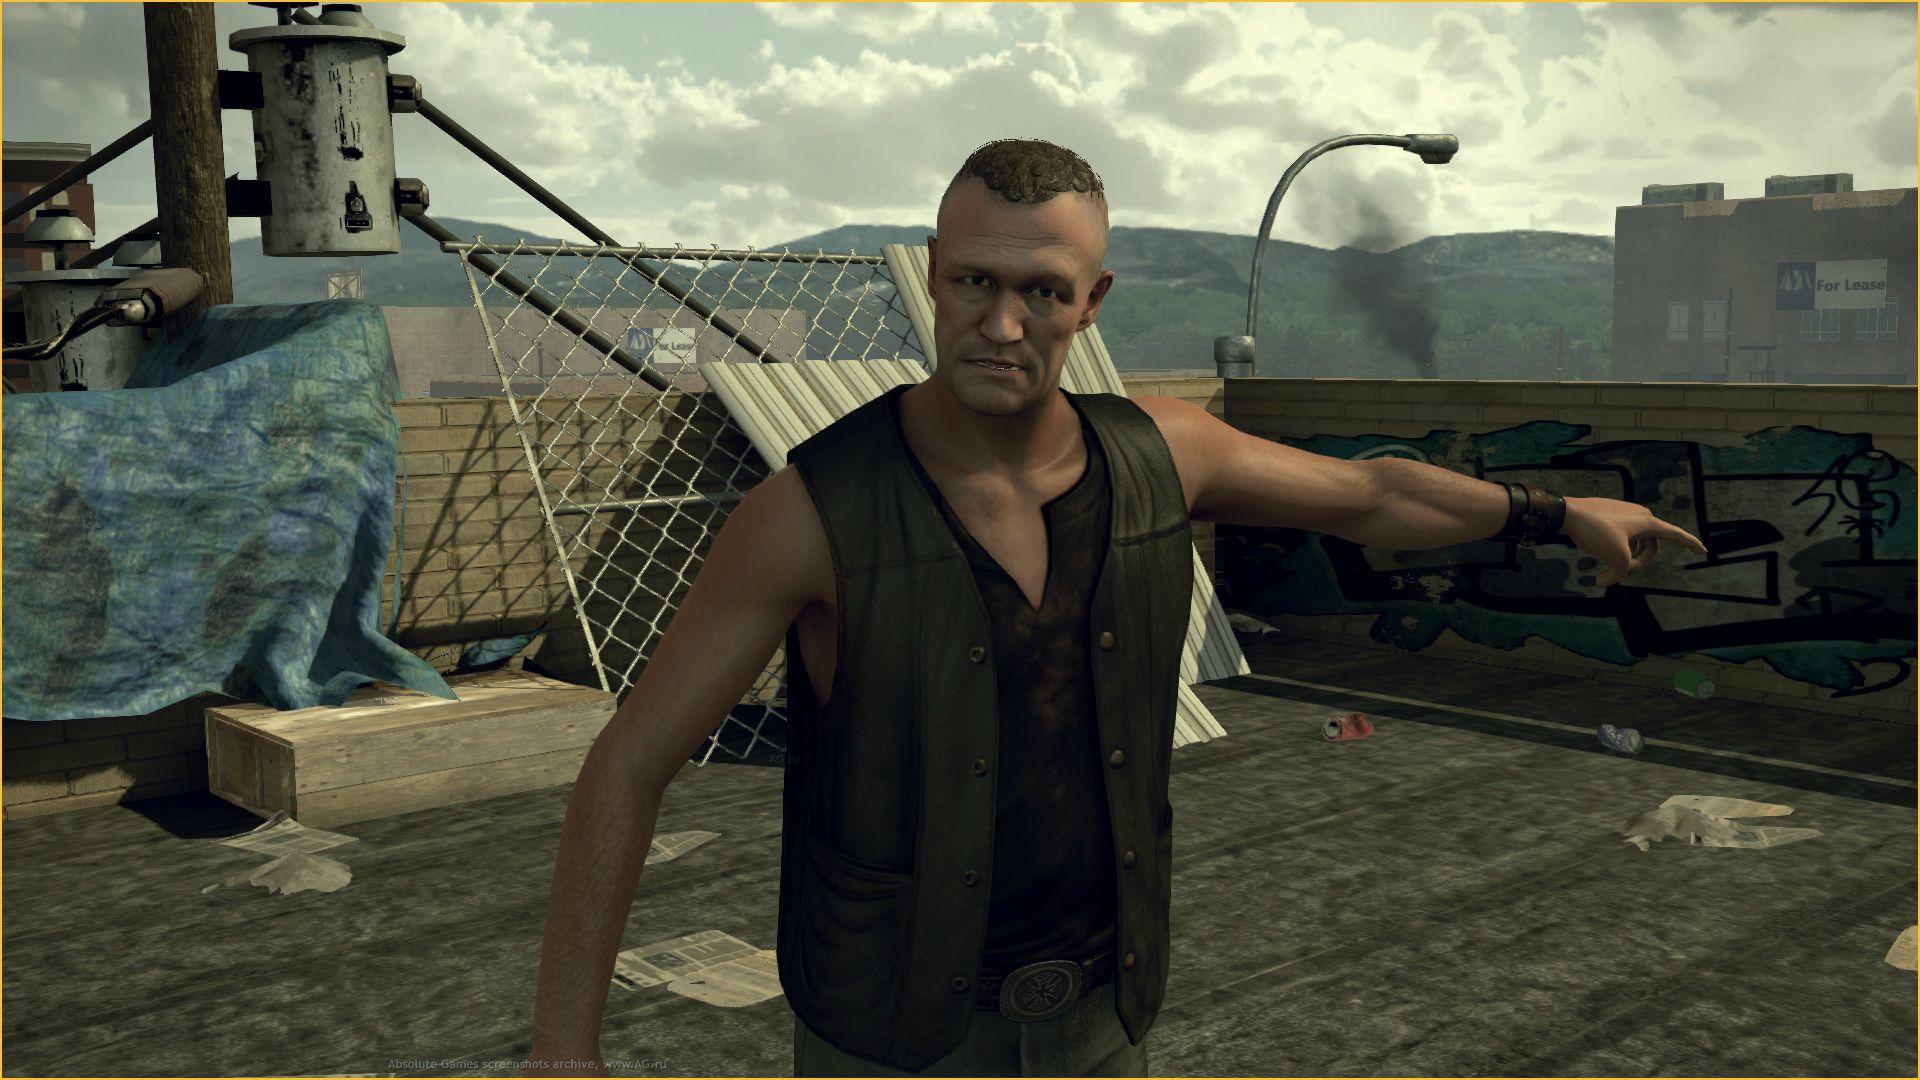 Criador do jogo da franquia The Walking Dead sofre com demissões em massa 1